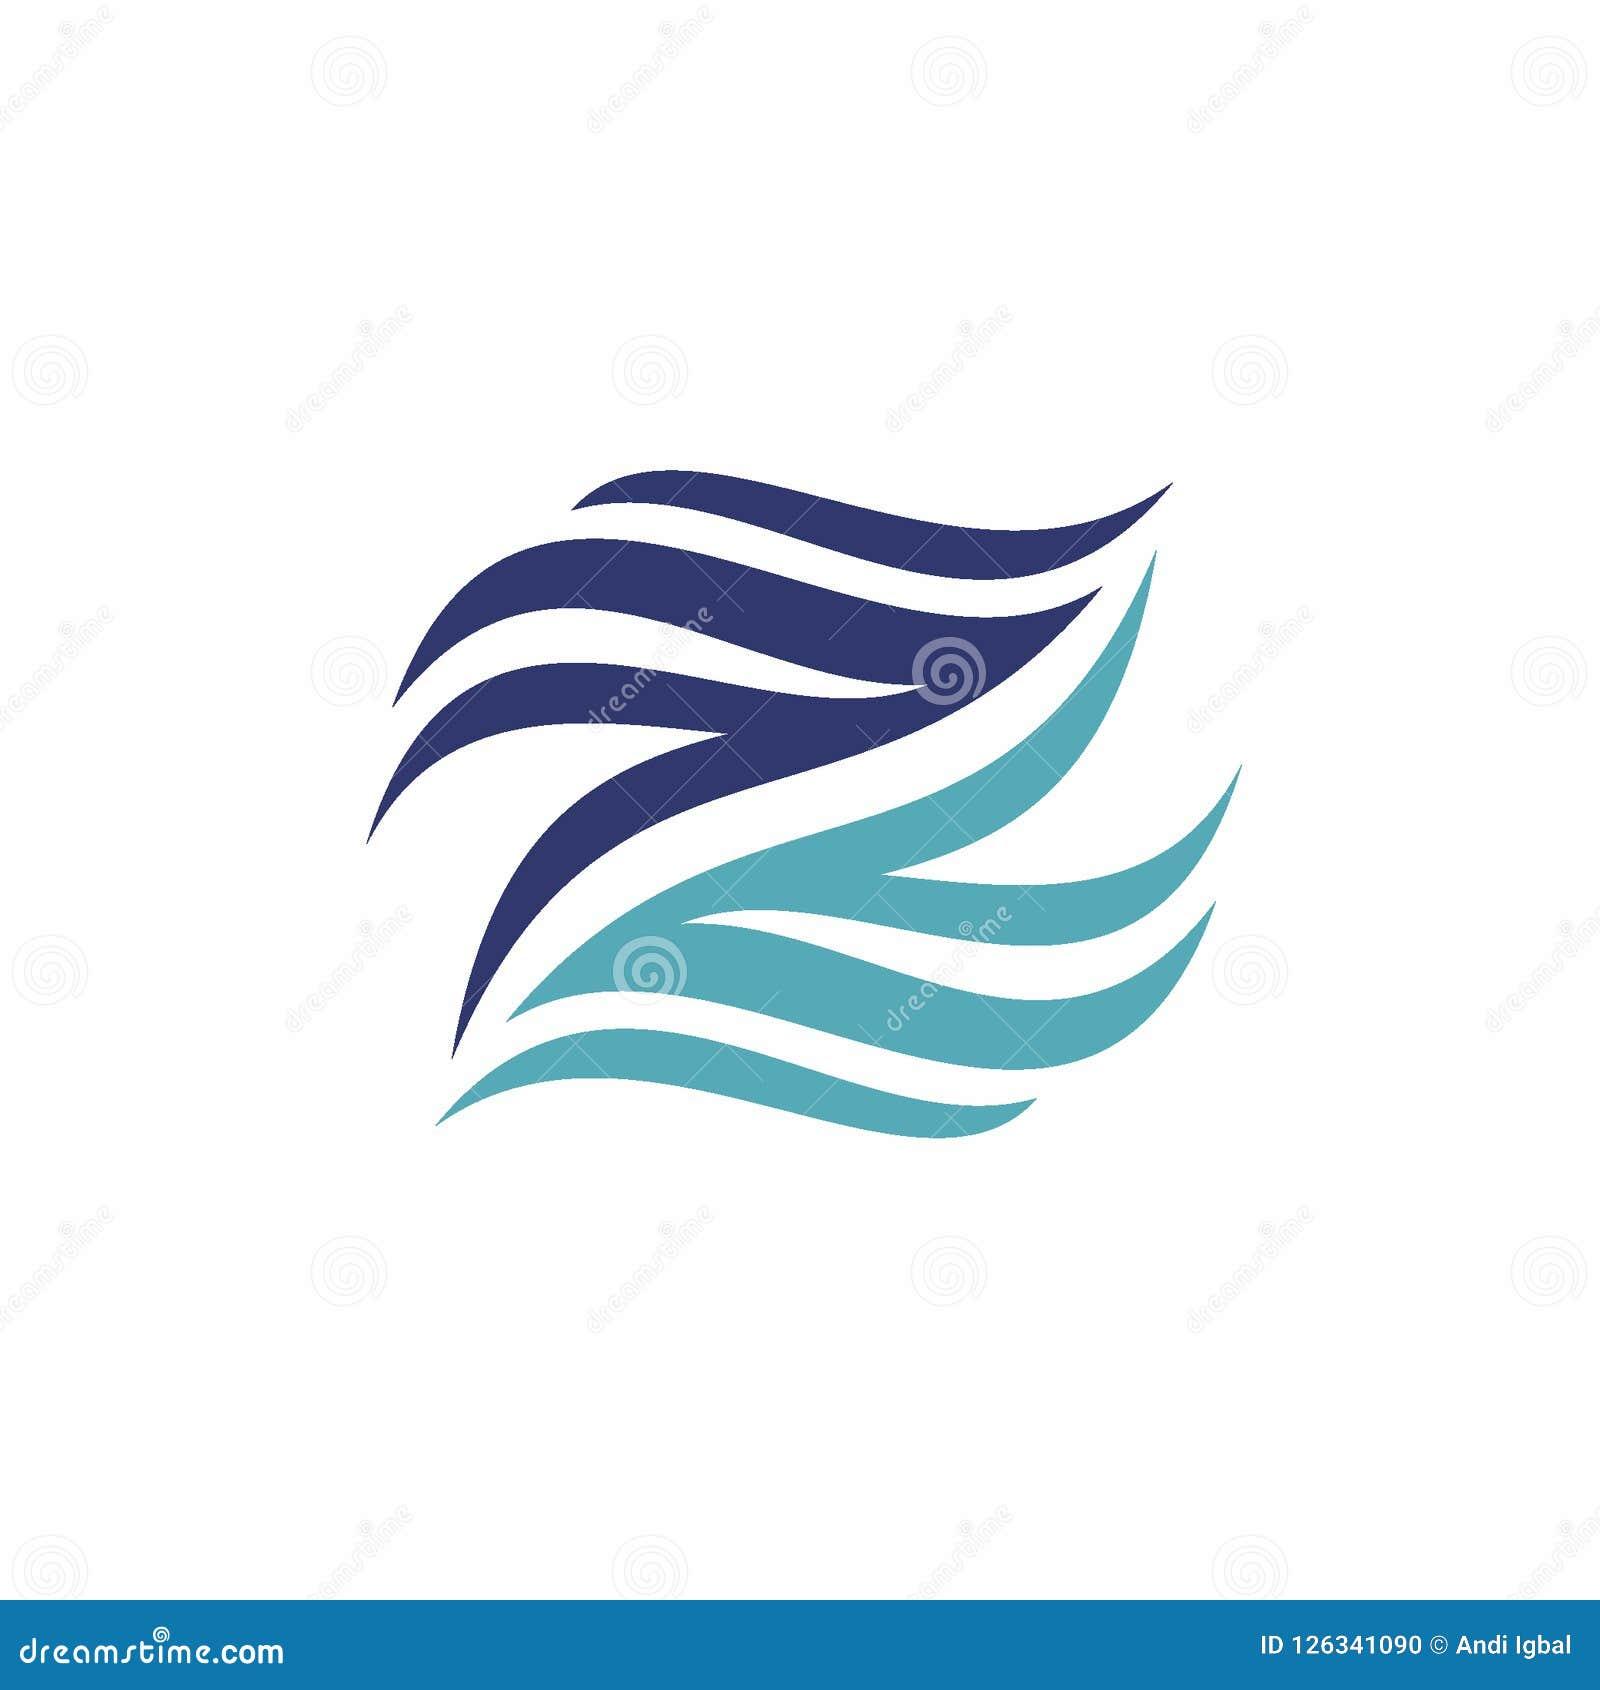 Abstract Letter Z Or N Logo Design Concept Creative Logo Vector